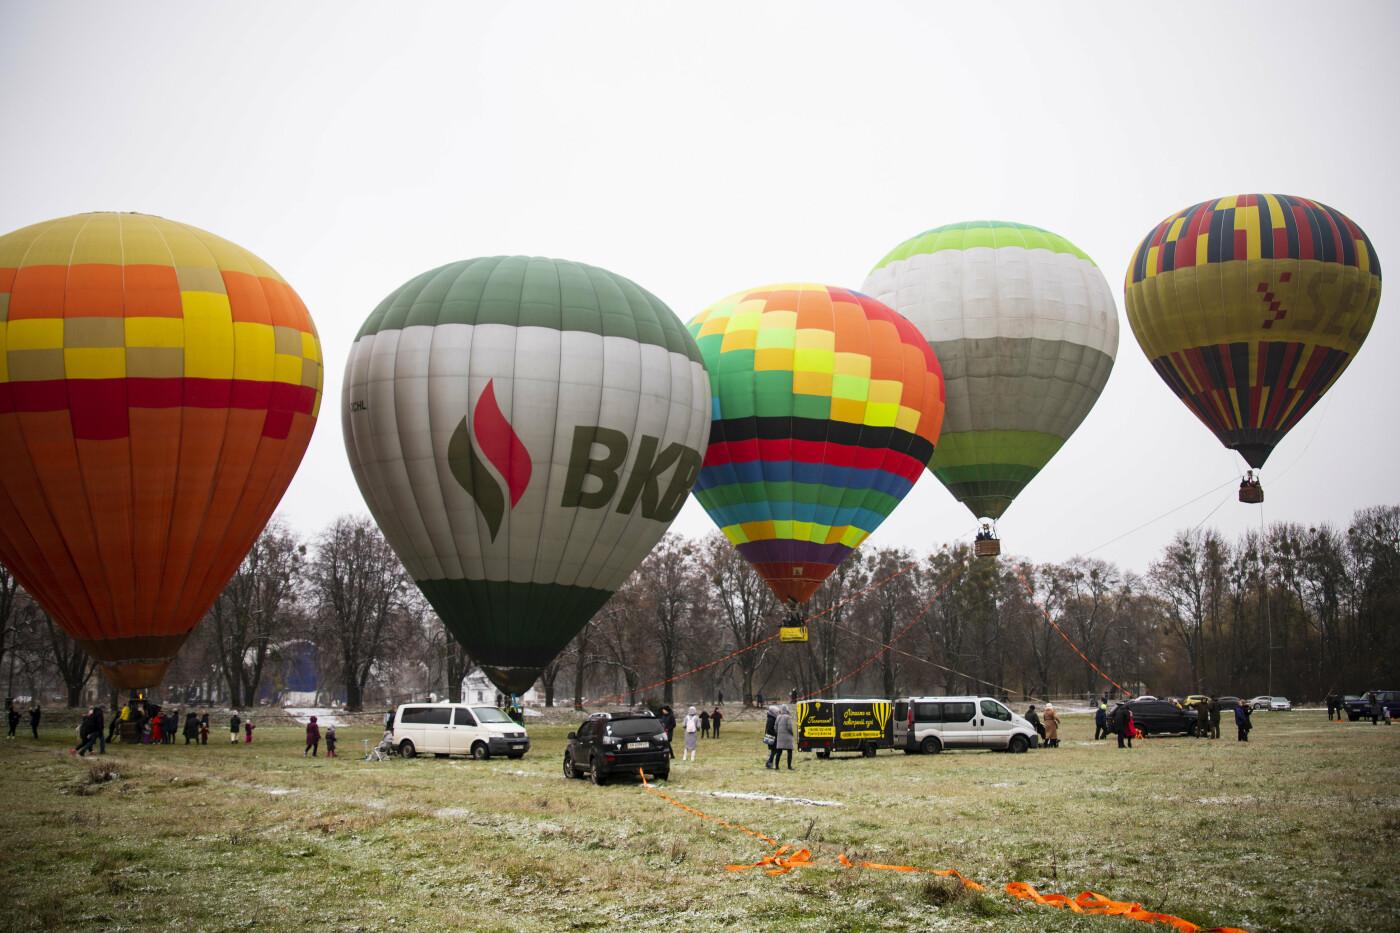 В Киеве на ВДНХ состоялся фестиваль воздушных шаров. Как это было, ФОТО, фото-5